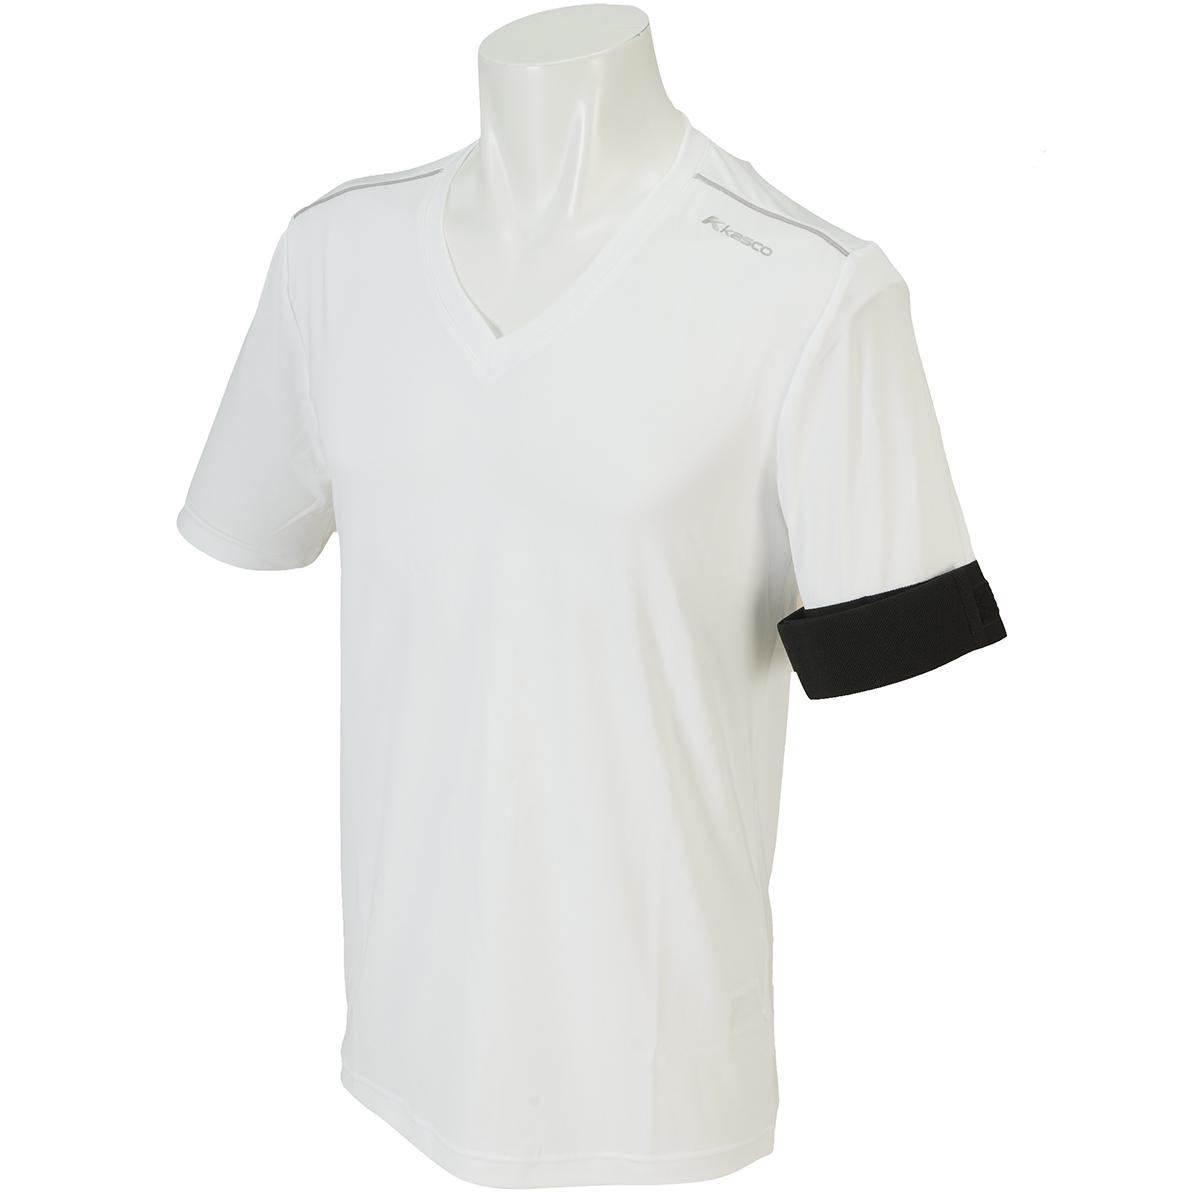 ストレッチトレーニング半袖アンダーシャツ